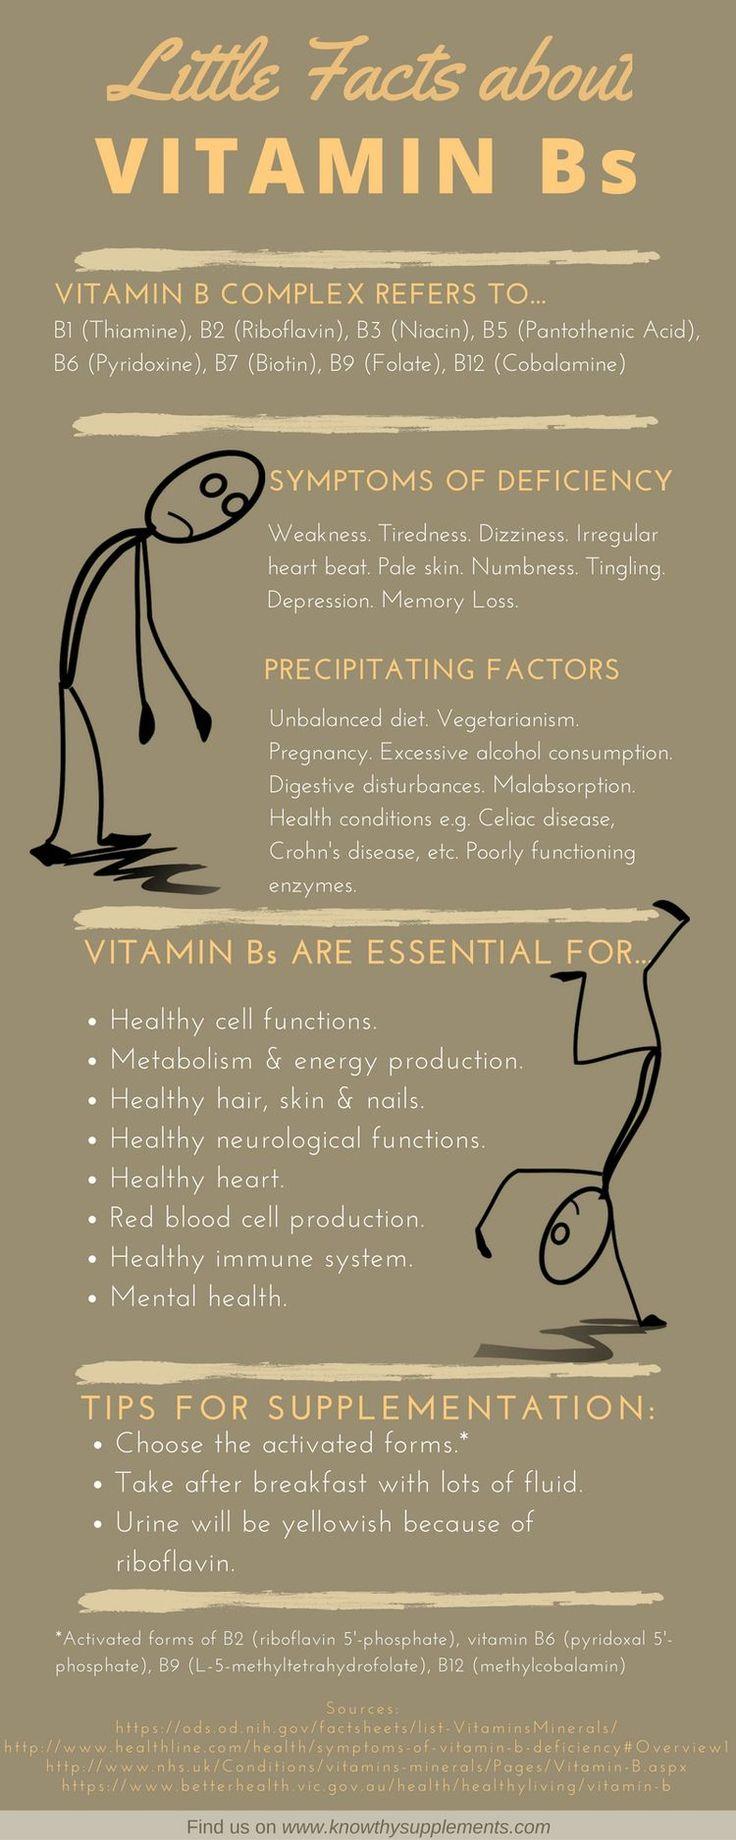 Vitamin B complex [B1 (Thiamine), B2 (Riboflavin), B3 (Niacin), B5 (Pantothenic Acid), B6 (Pyridoxine), B7 (Biotin), B9 (Folate) and B12 (Cobalamine).]: symptoms of deficiency, reasons, benefits (energy, skin) and tips on taking vit b supplement #F4F #L4L #vitamins